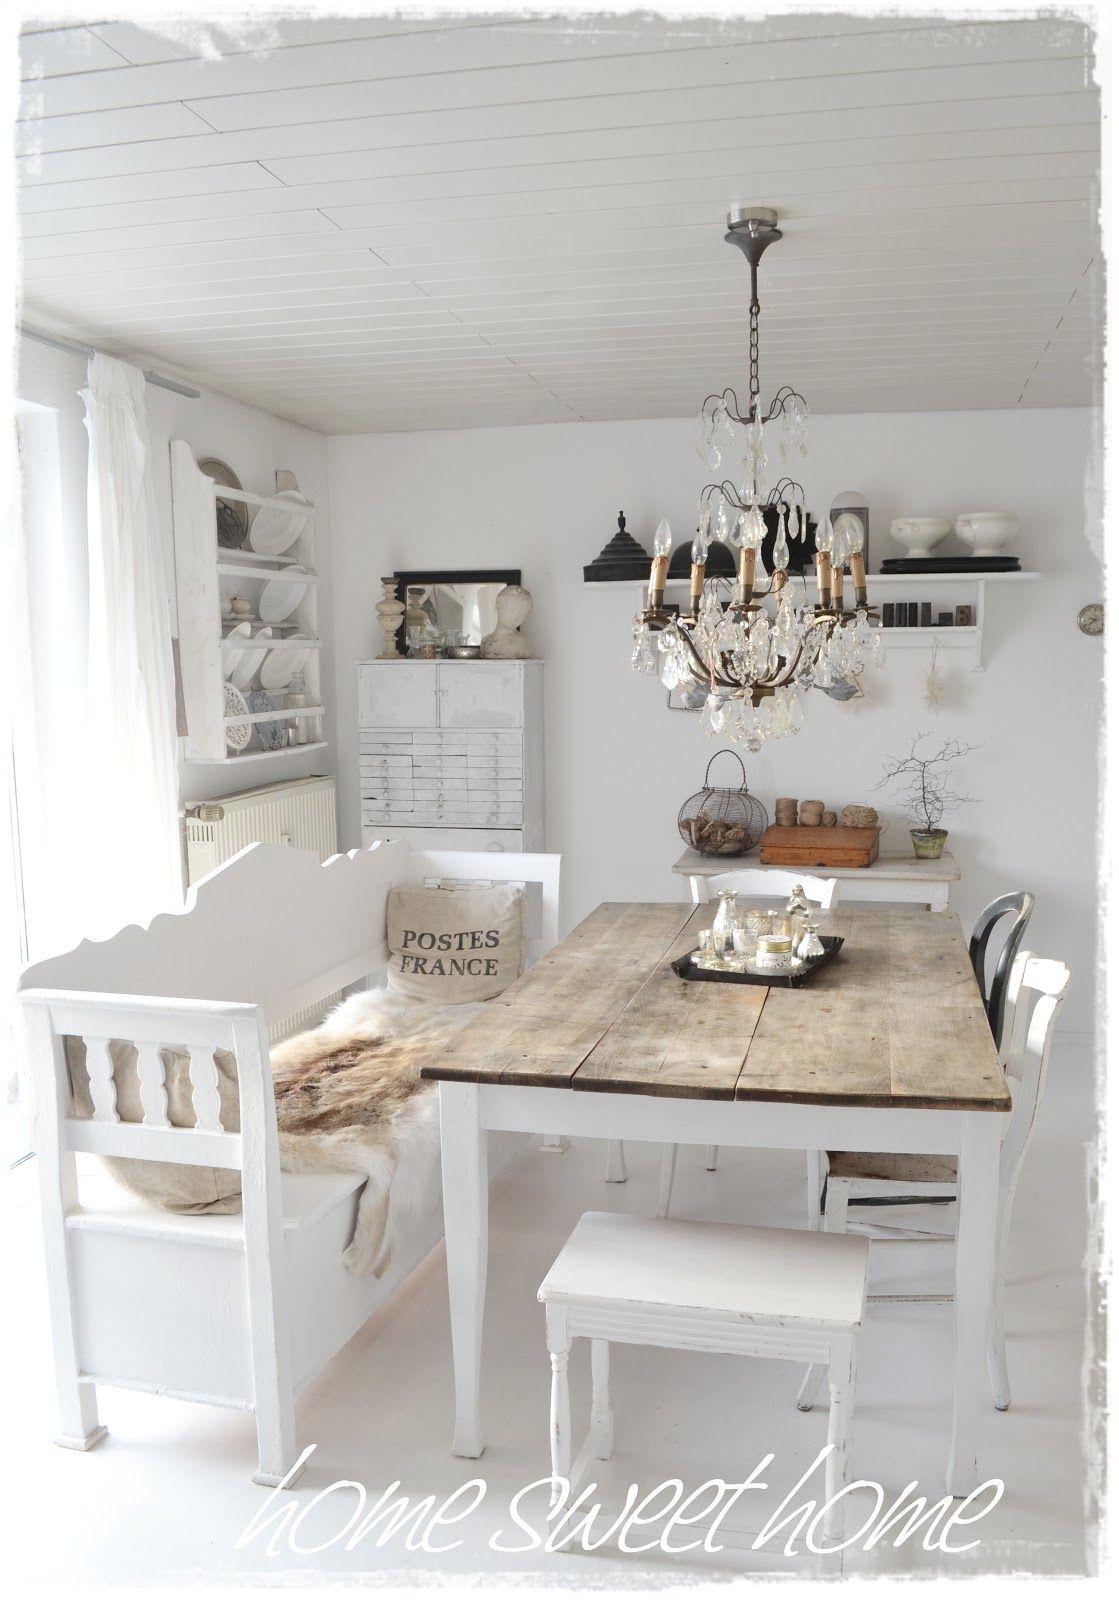 Esszimmer stil ideen dining room white grey black chippy shabby chic whitewashed